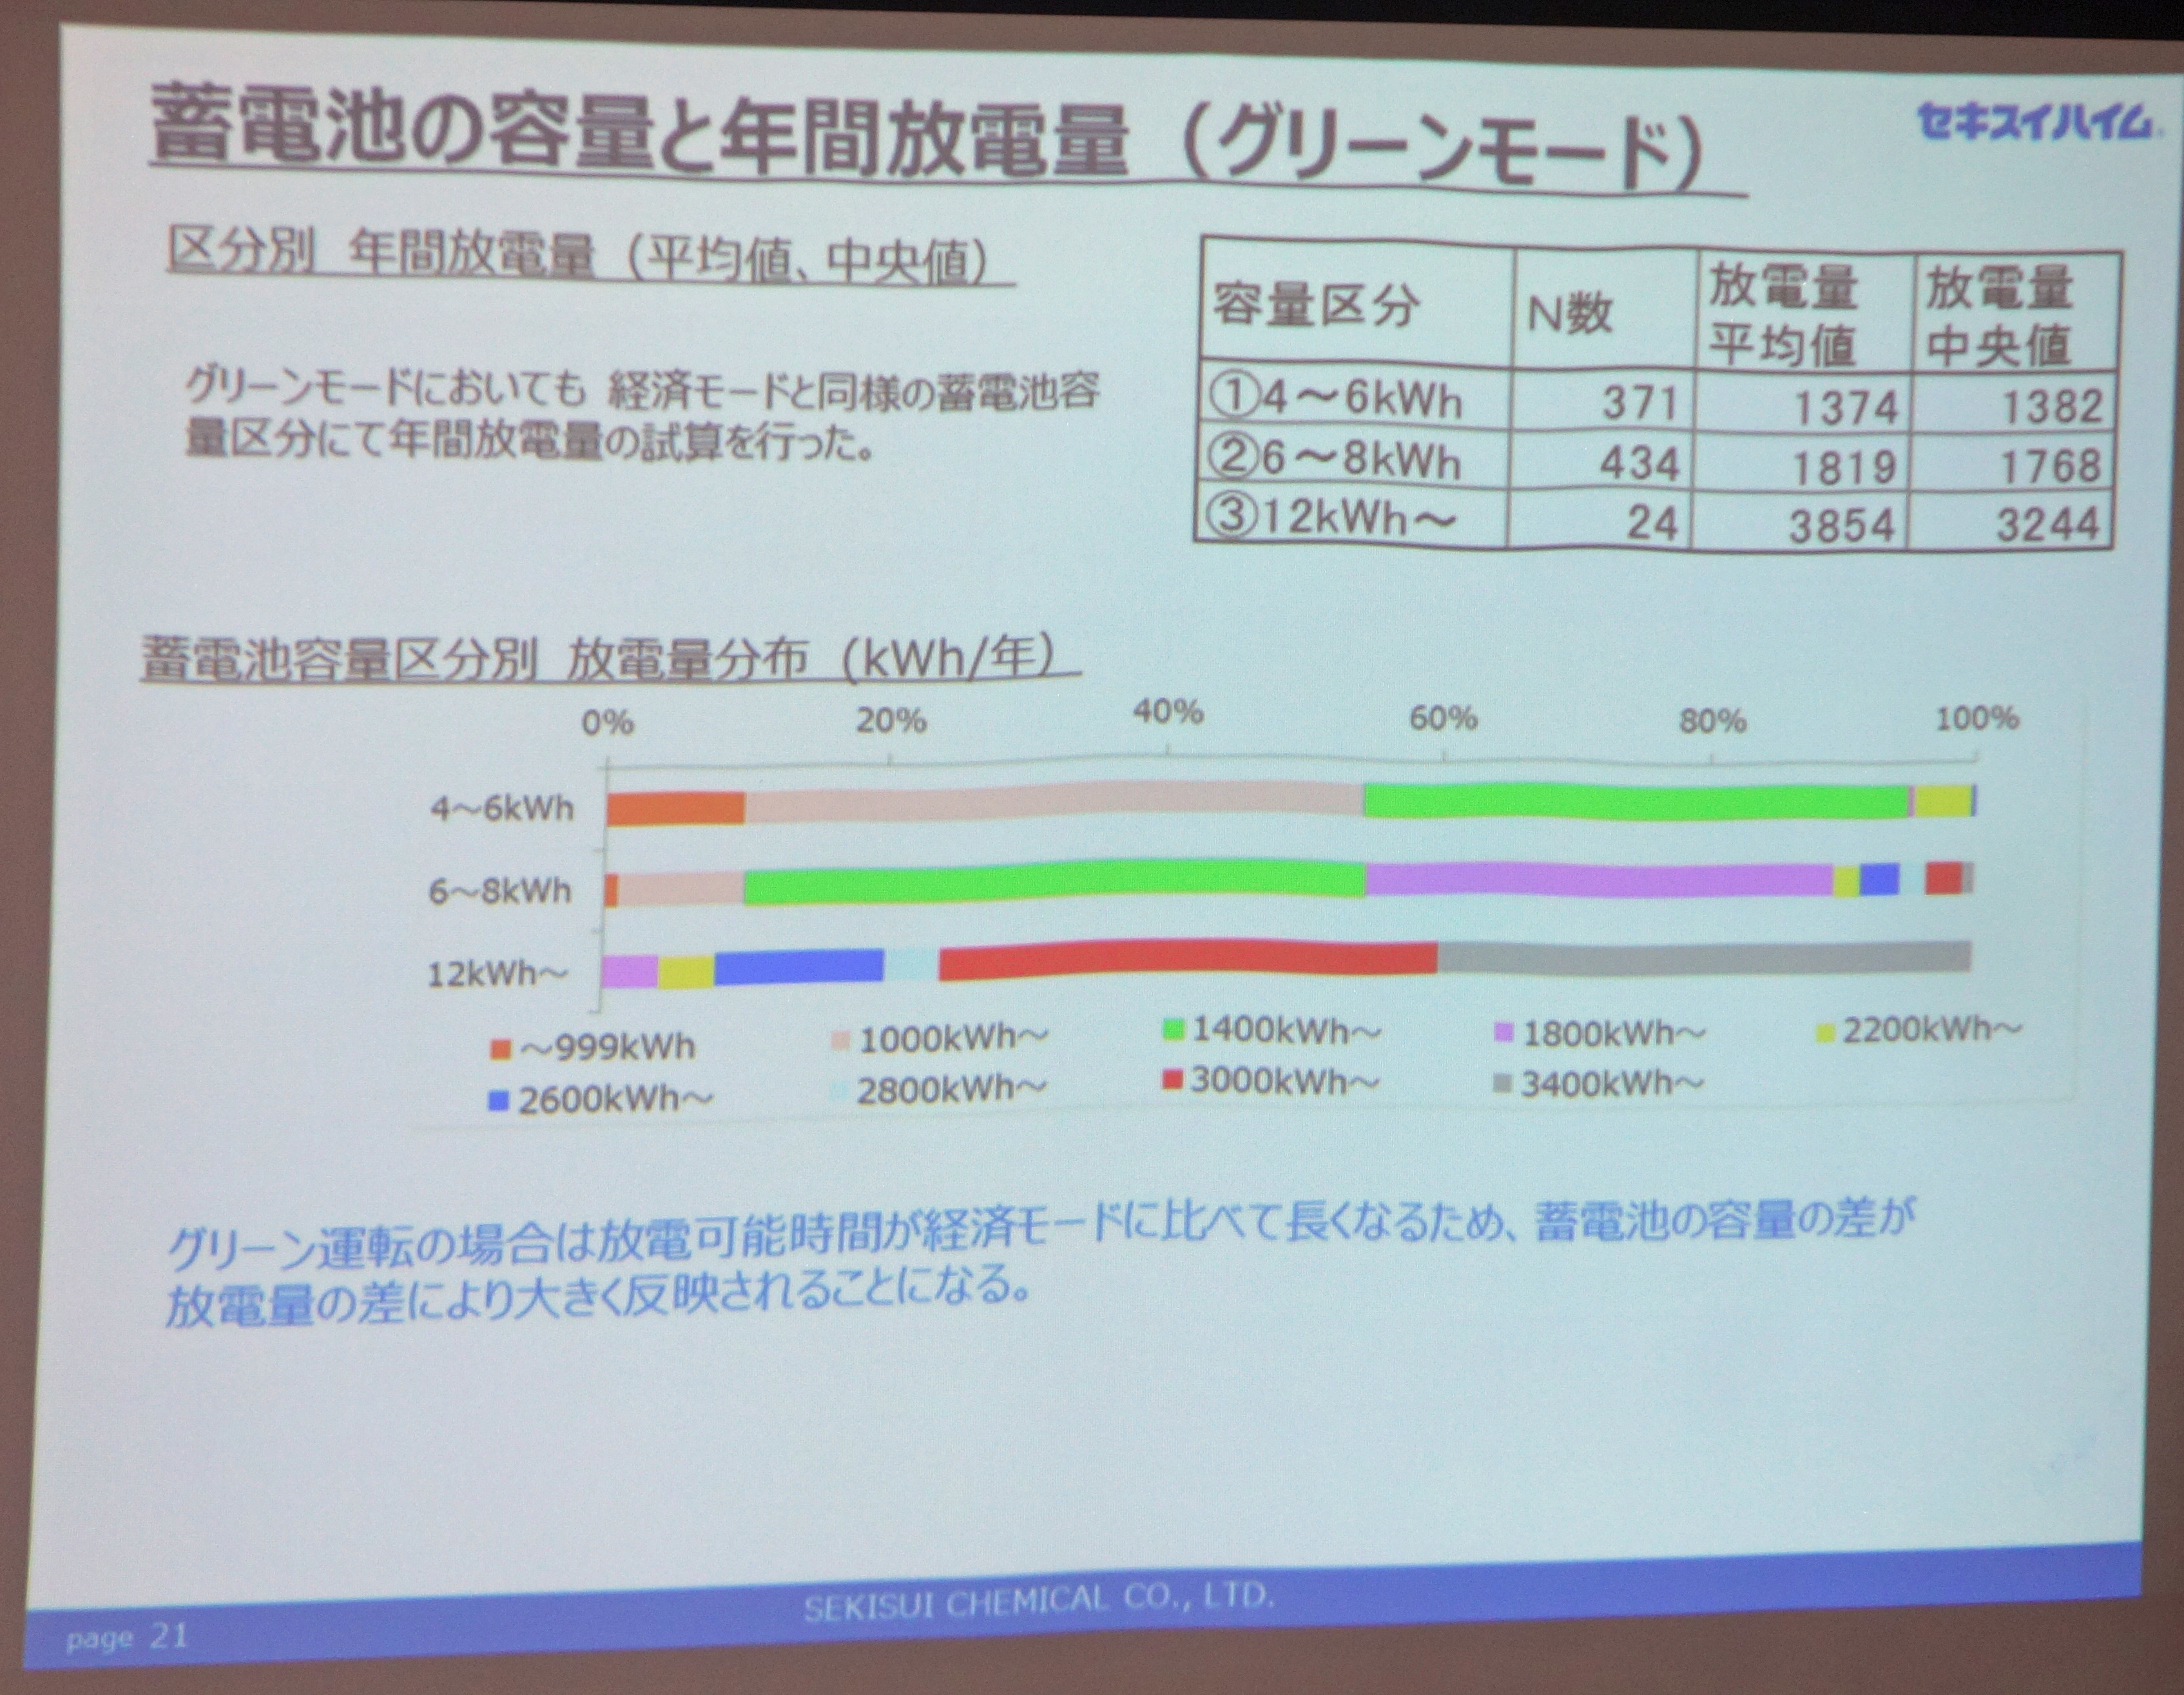 グリーンモード運転時における蓄電池容量と年間放電量の比較